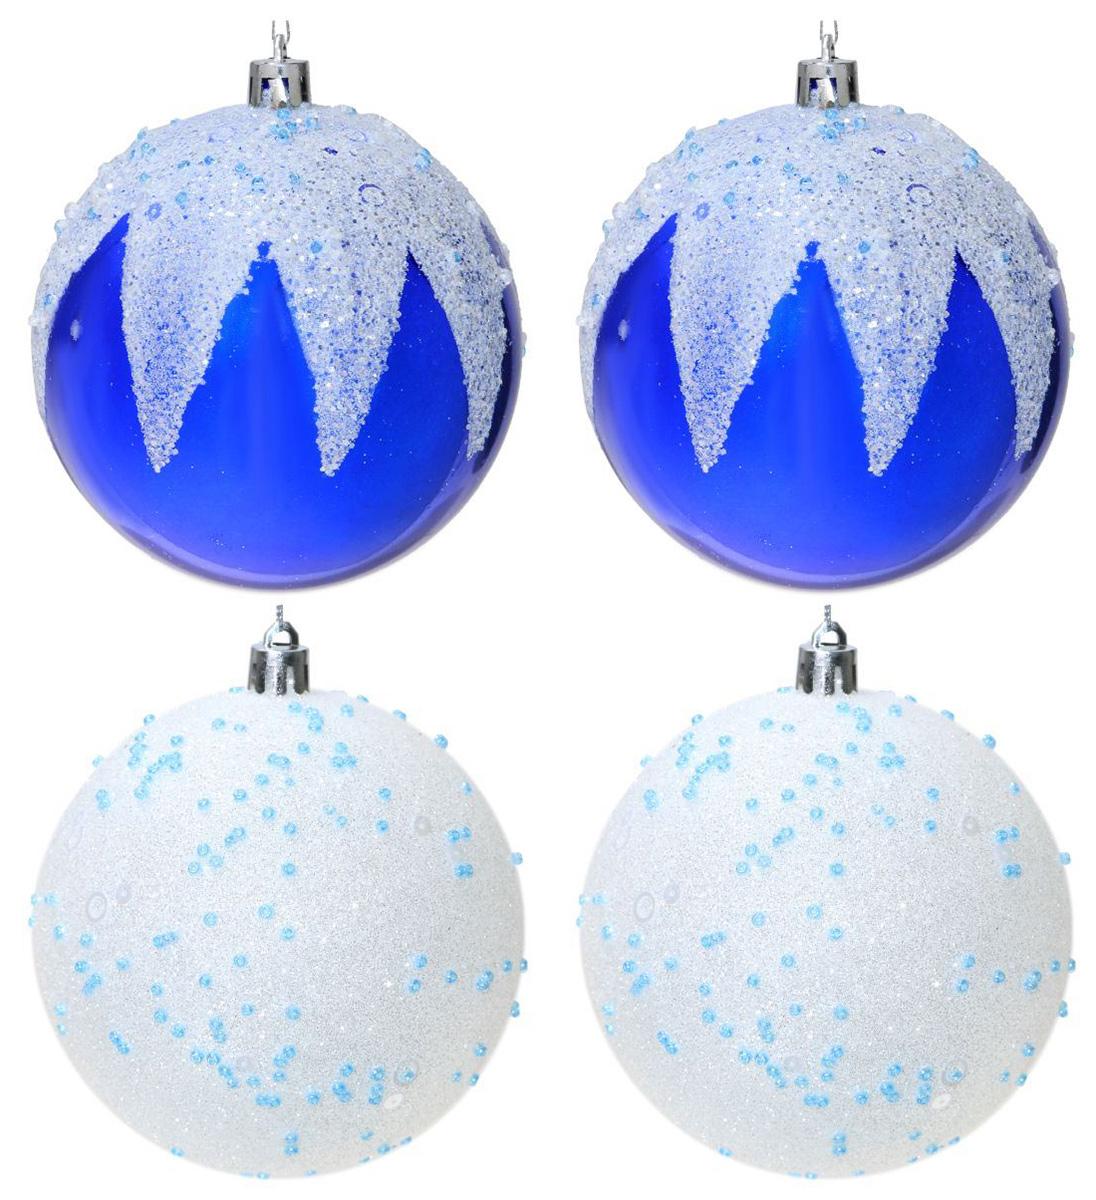 Набор новогодних подвесных украшений Sima-land Посыпка, диаметр 10 см, 4 шт2131379Набор новогодних подвесных украшений Sima-land отлично подойдет для декорации вашего дома и новогодней ели. С помощью специальной петельки украшение можно повесить в любом понравившемся вам месте. Но, конечно, удачнее всего оно будет смотреться на праздничной елке. Елочная игрушка - символ Нового года. Она несет в себе волшебство и красоту праздника. Создайте в своем доме атмосферу веселья и радости, украшая новогоднюю елку нарядными игрушками, которые будут из года в год накапливать теплоту воспоминаний.